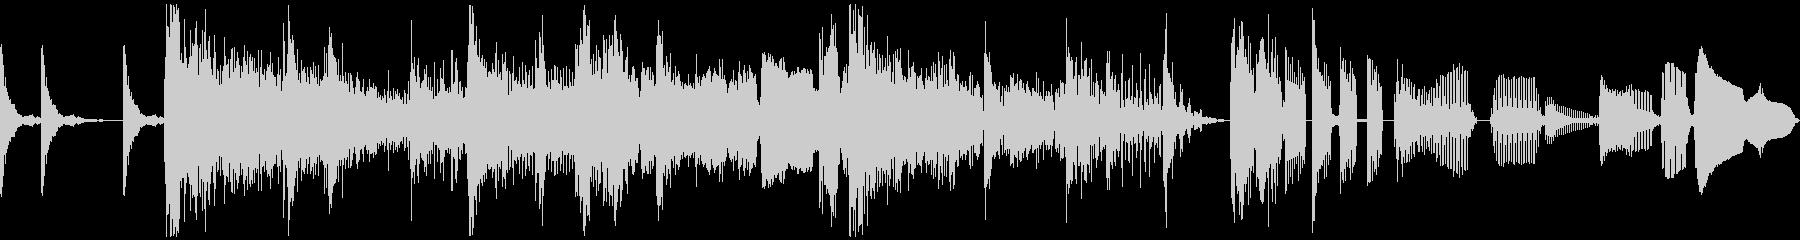 ラジオジングル、サックス、ファンクの未再生の波形